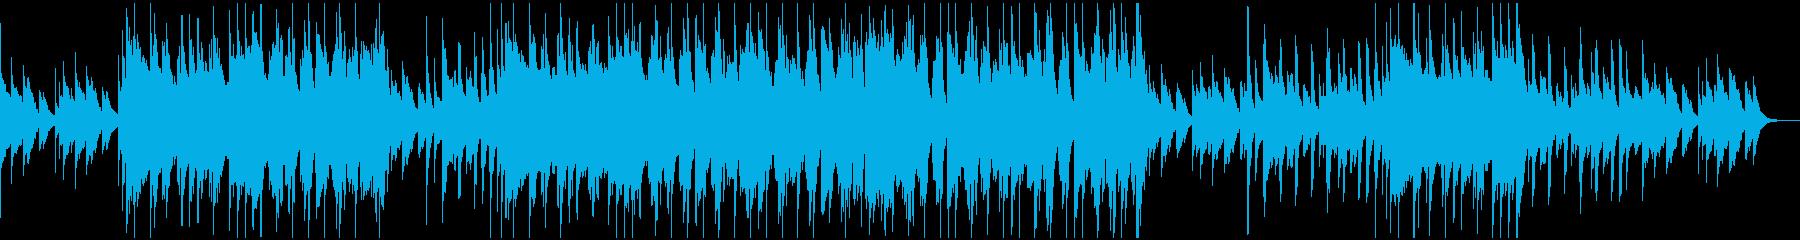 コミカルで可愛らしいポップスBGMの再生済みの波形